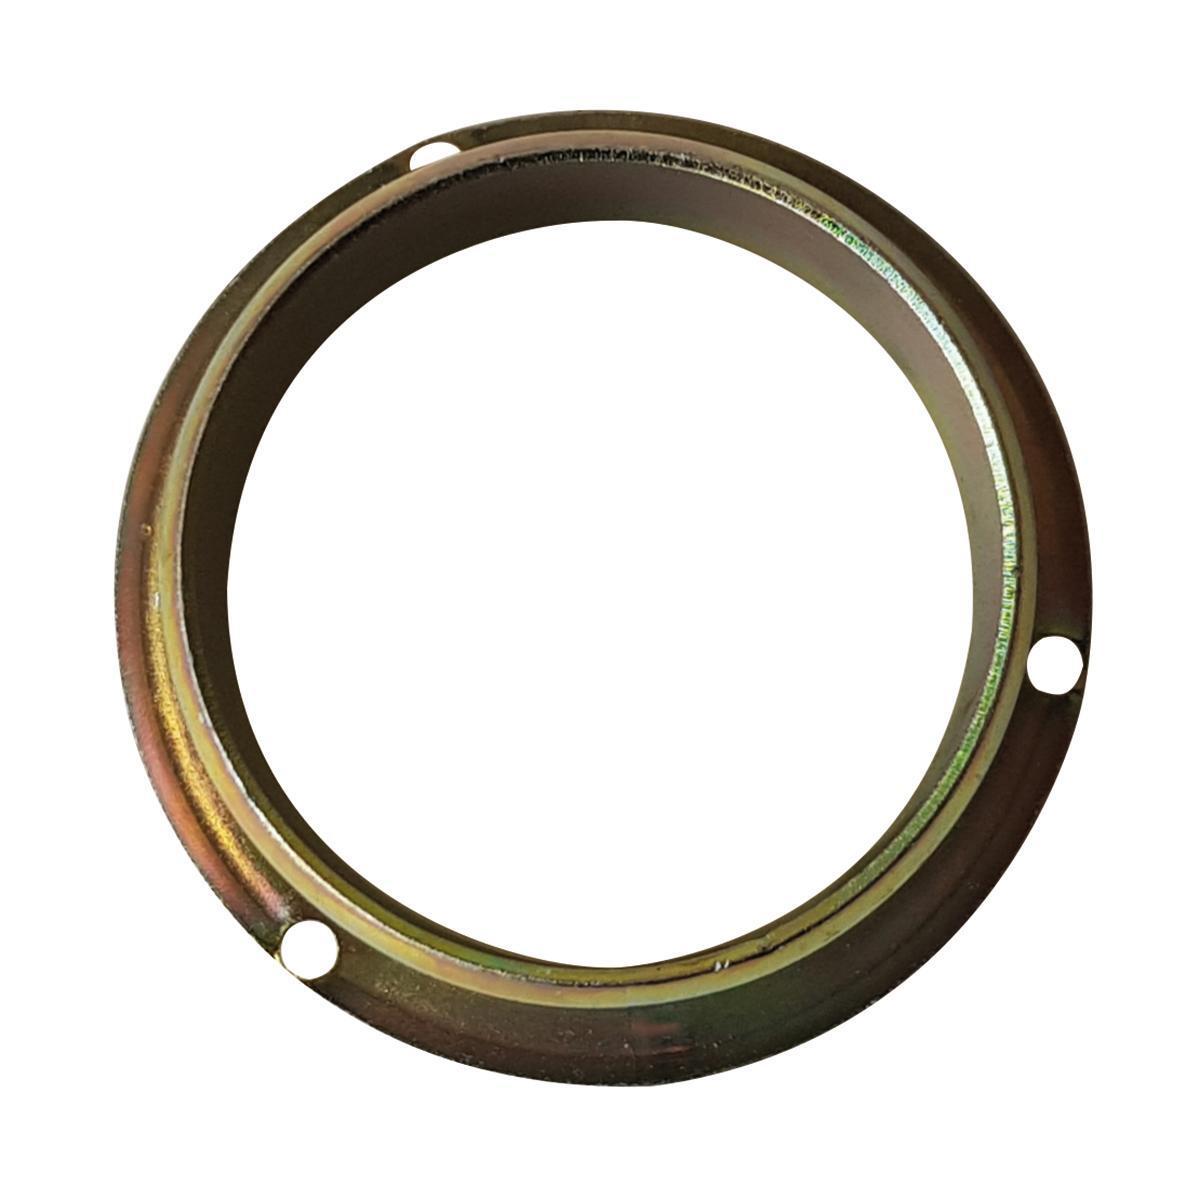 Adattatore in acciaio per stufa a pellet - 2